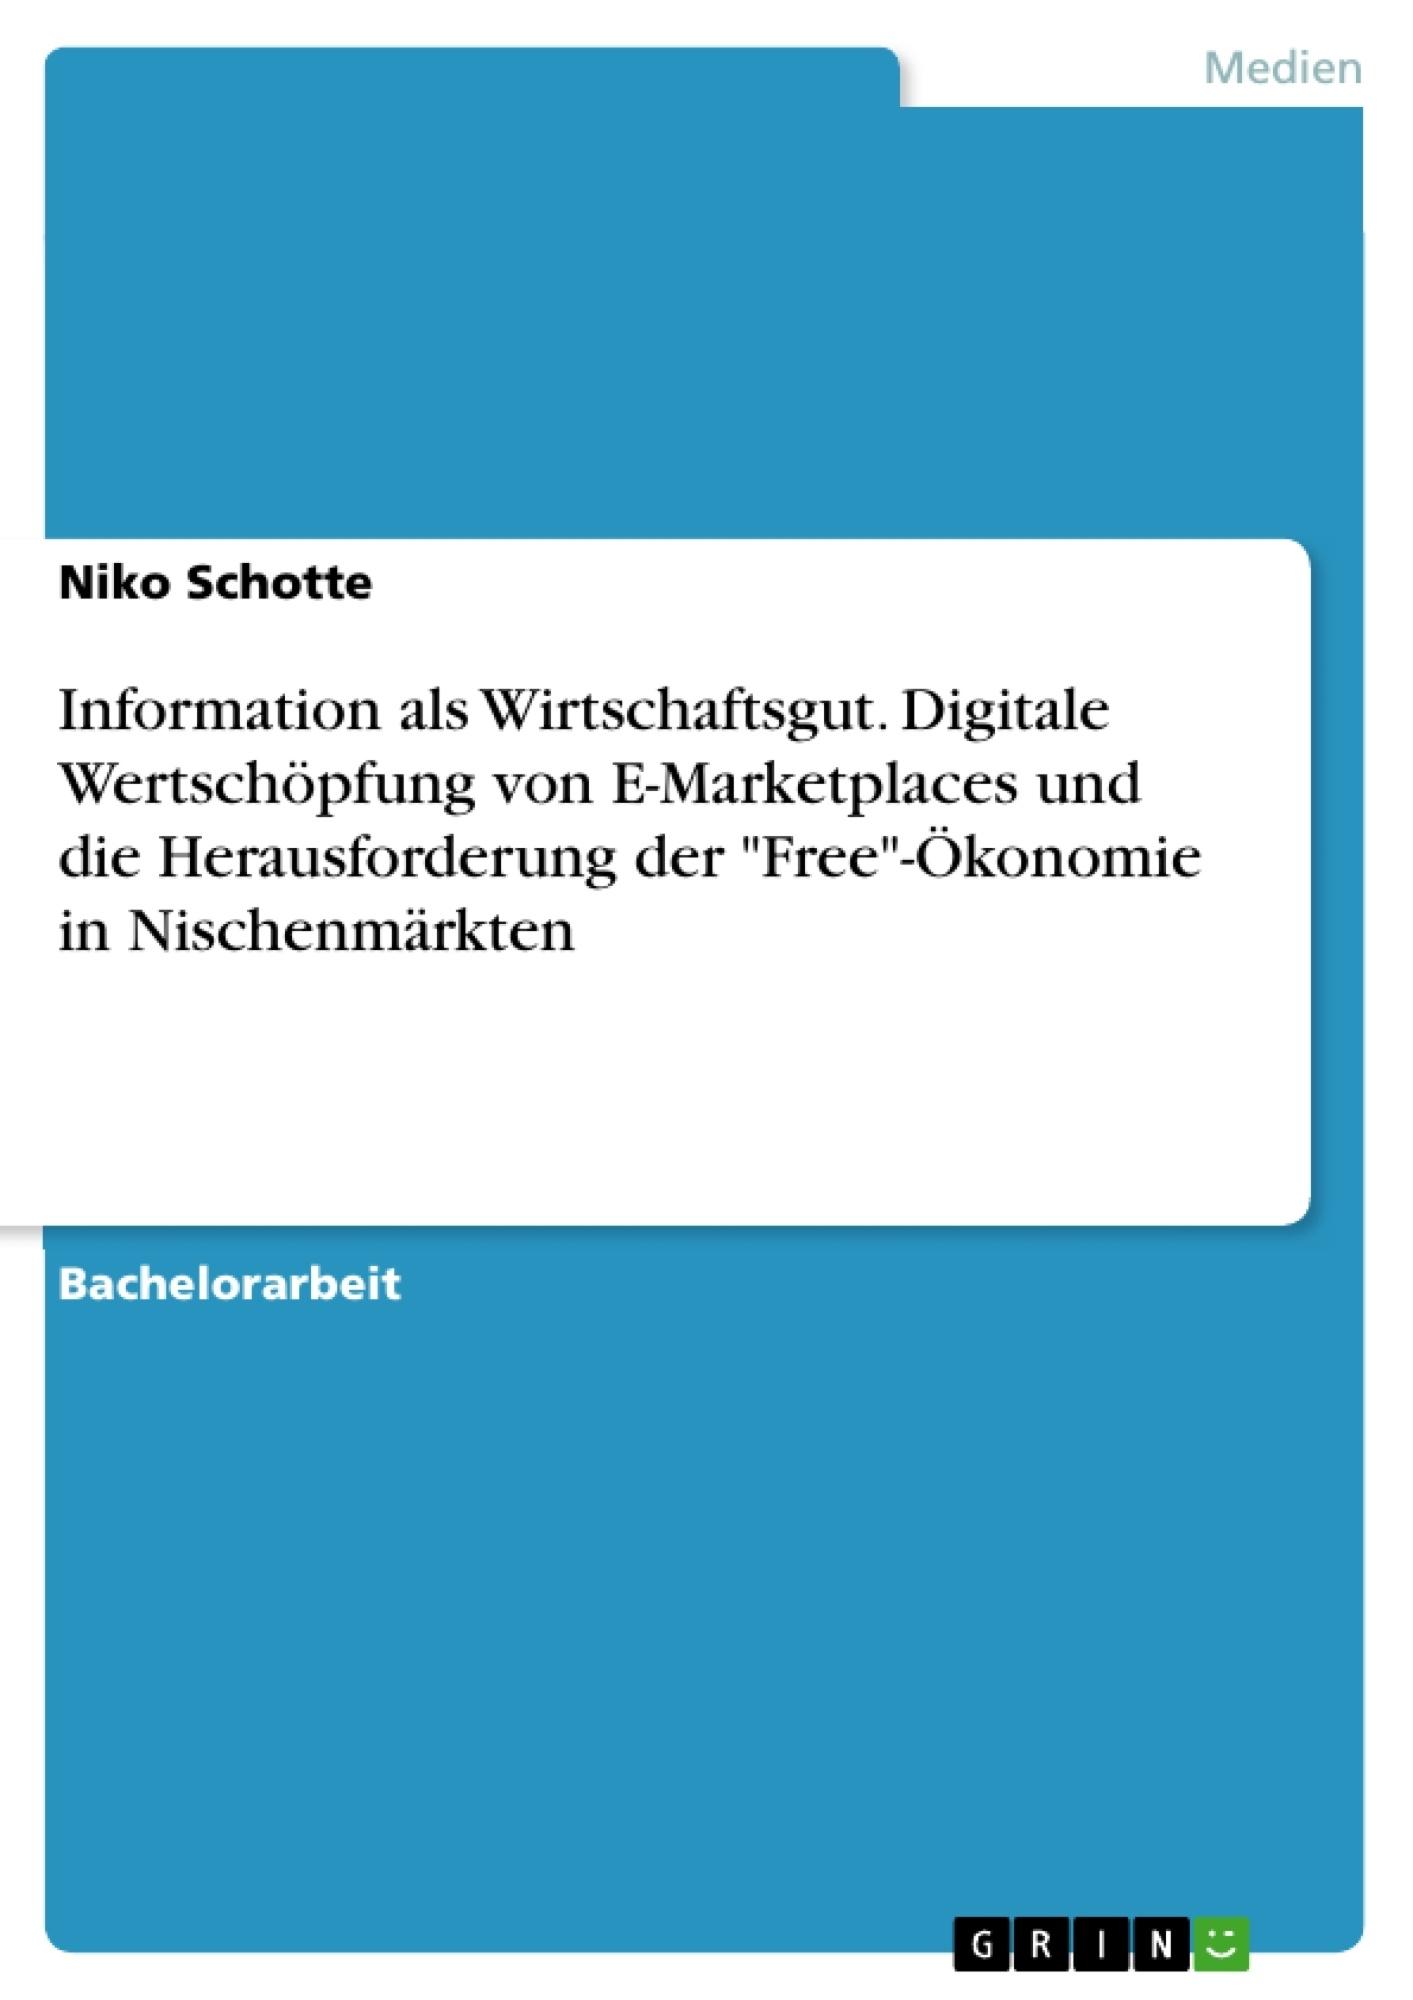 """Titel: Information als Wirtschaftsgut. Digitale Wertschöpfung von E-Marketplaces und die Herausforderung der """"Free""""-Ökonomie in Nischenmärkten"""